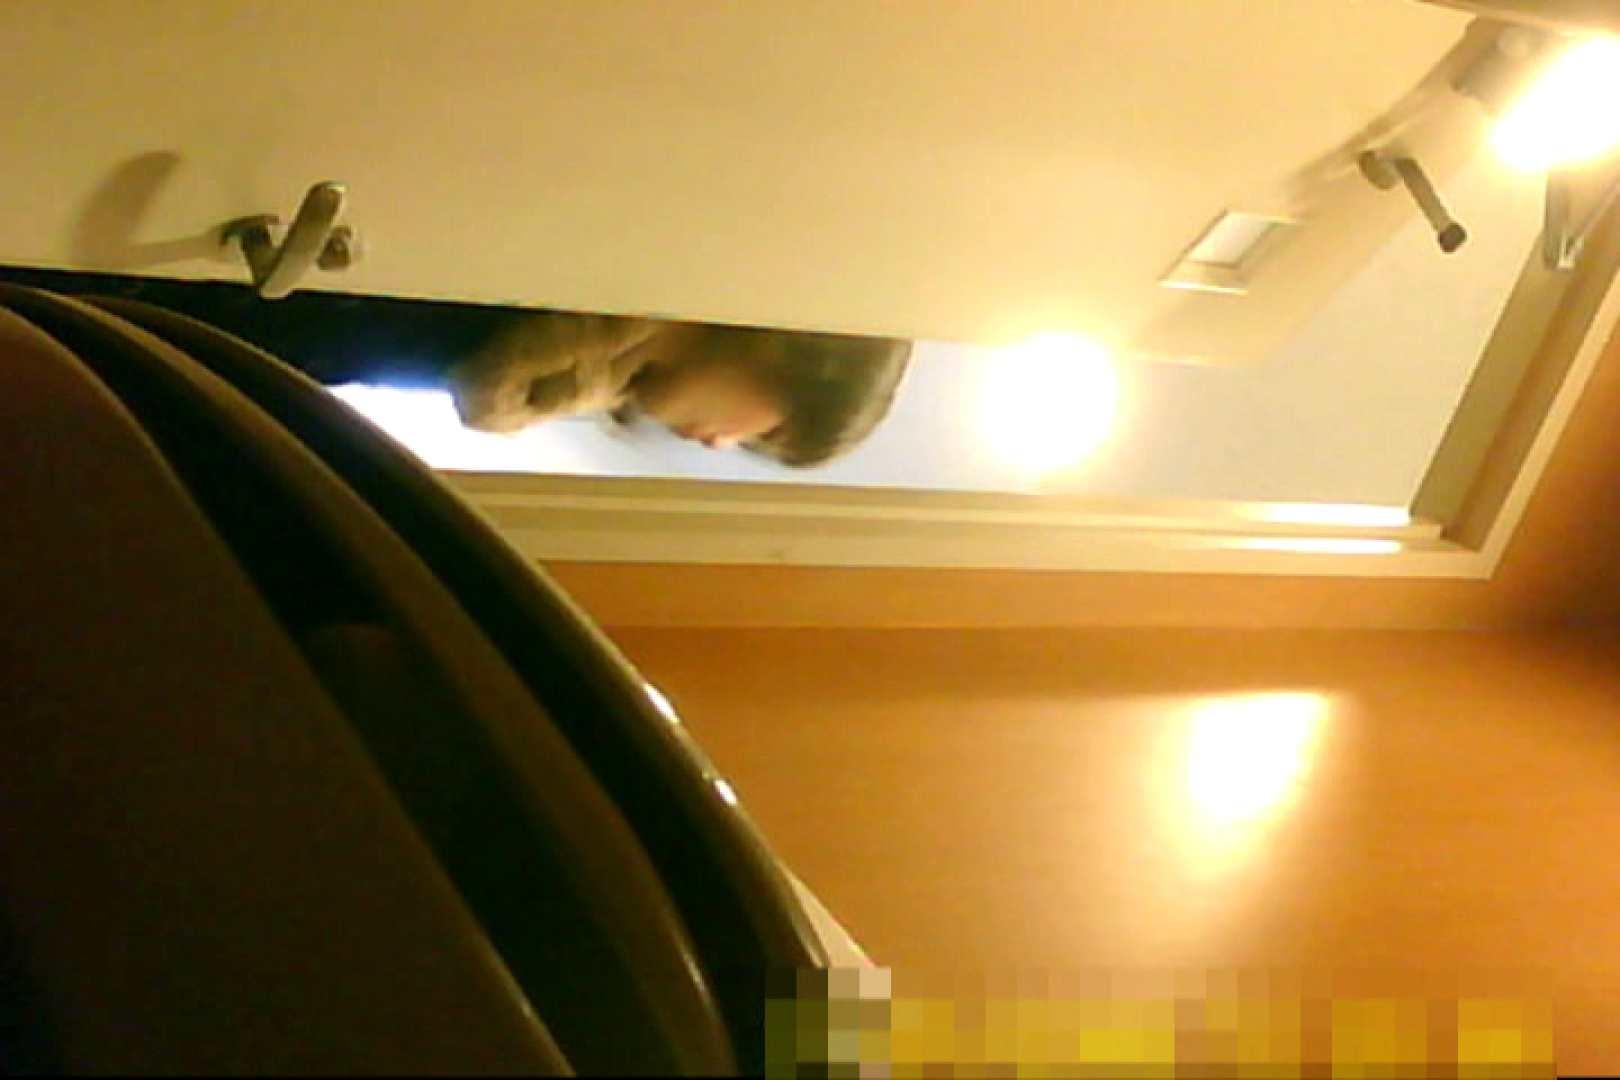 魅惑の化粧室~禁断のプライベート空間~15 お姉さん丸裸  103pic 44